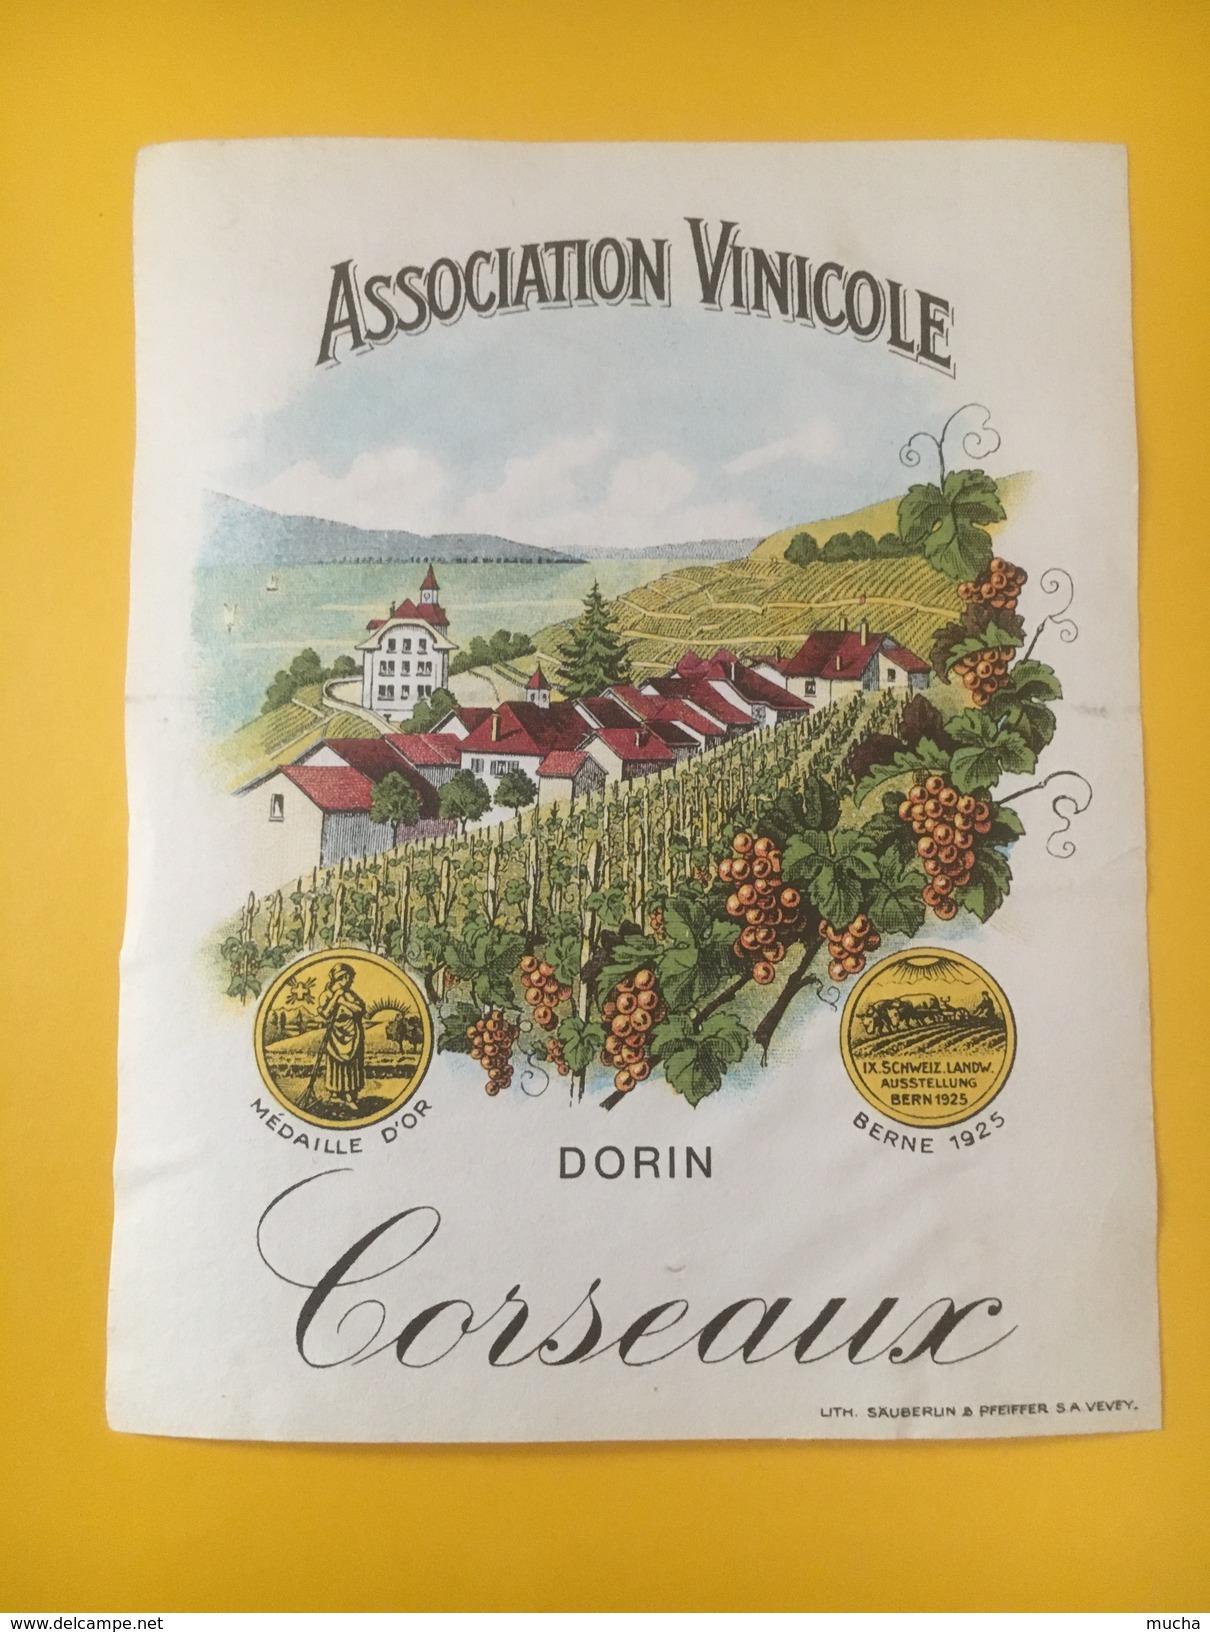 2797 - Suisse Vaud Dorin Association Vinicole Corseaux - Etiquettes